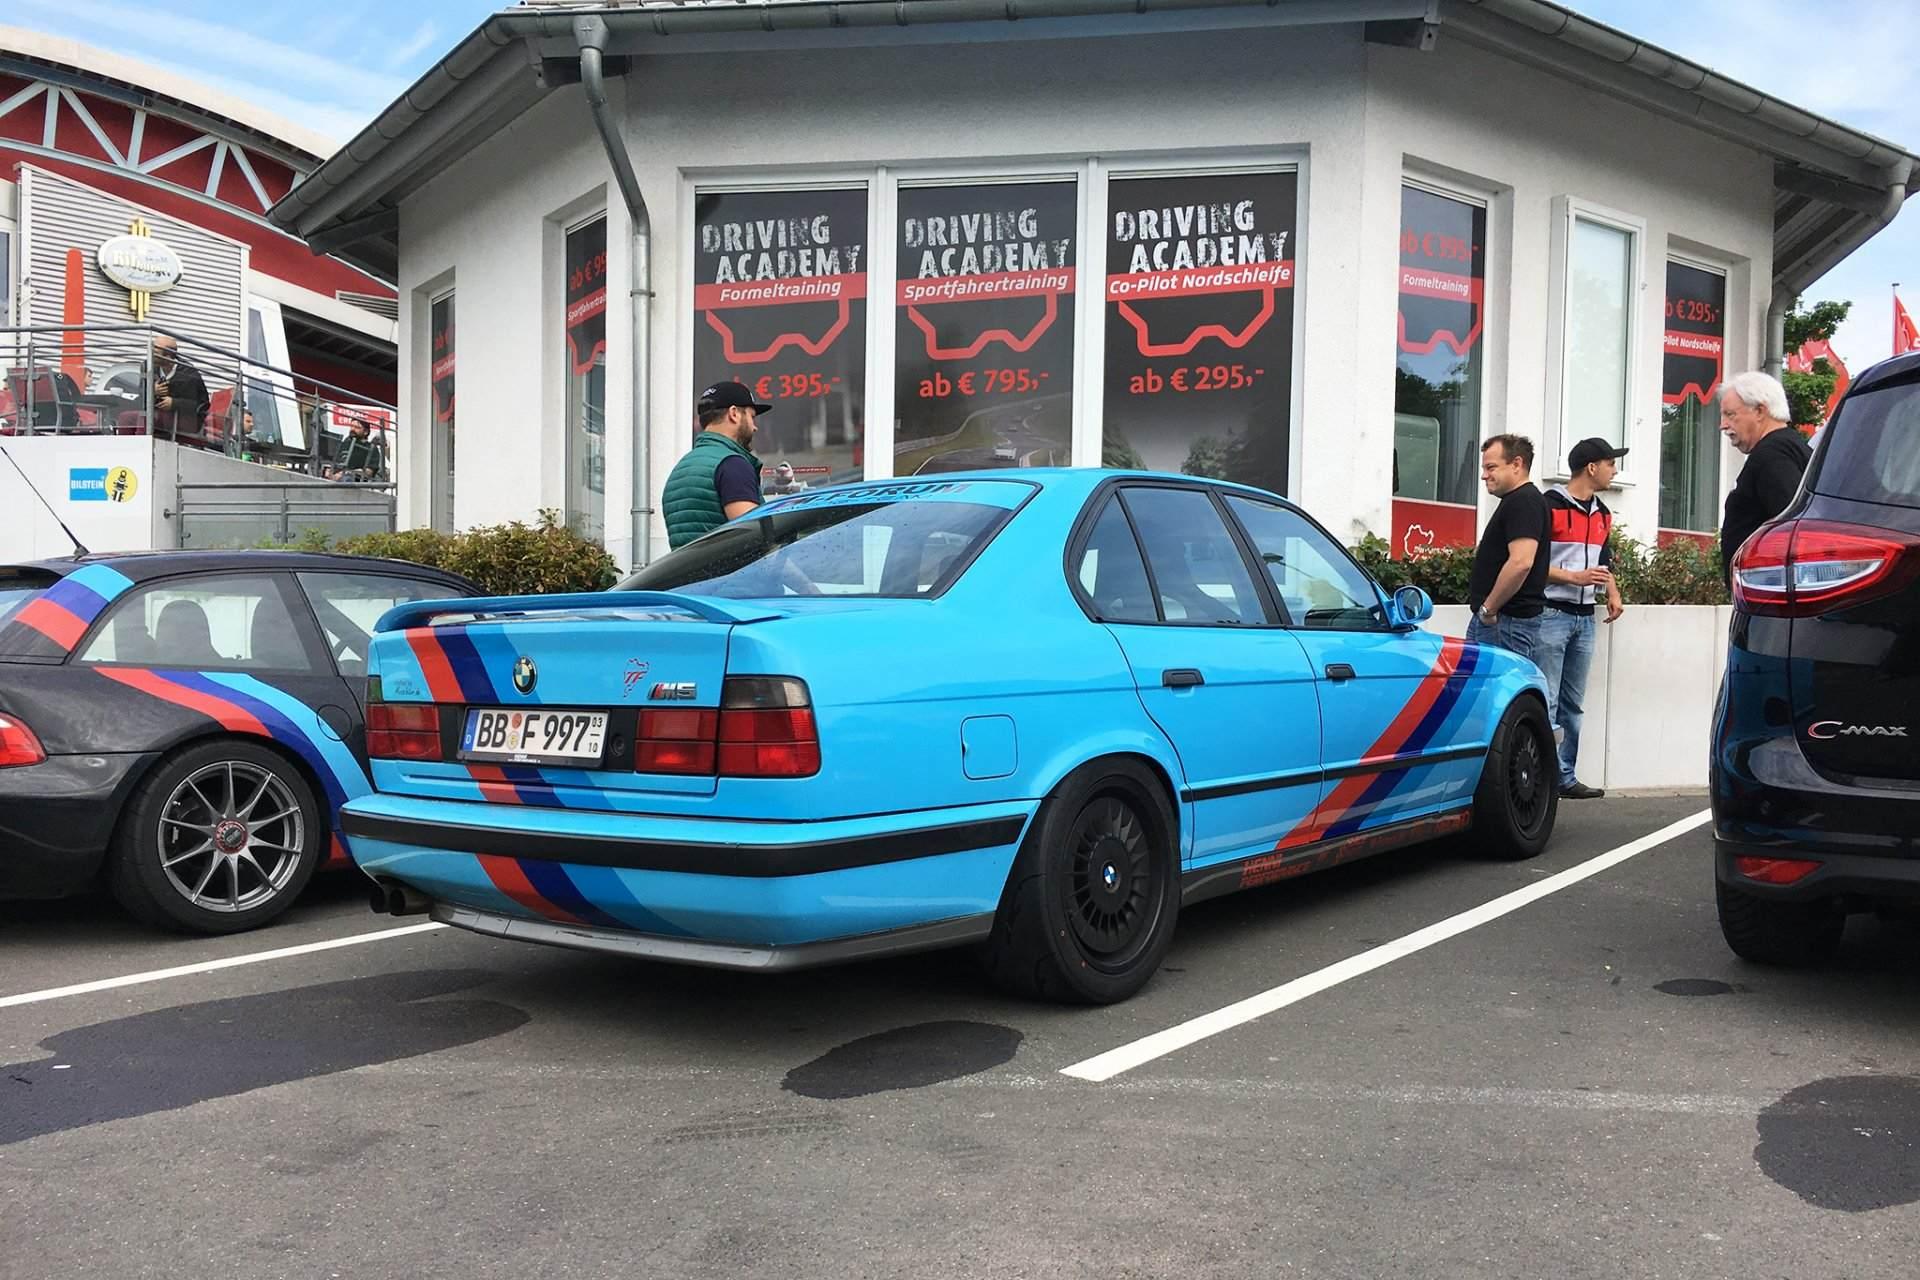 Nurburgring 14